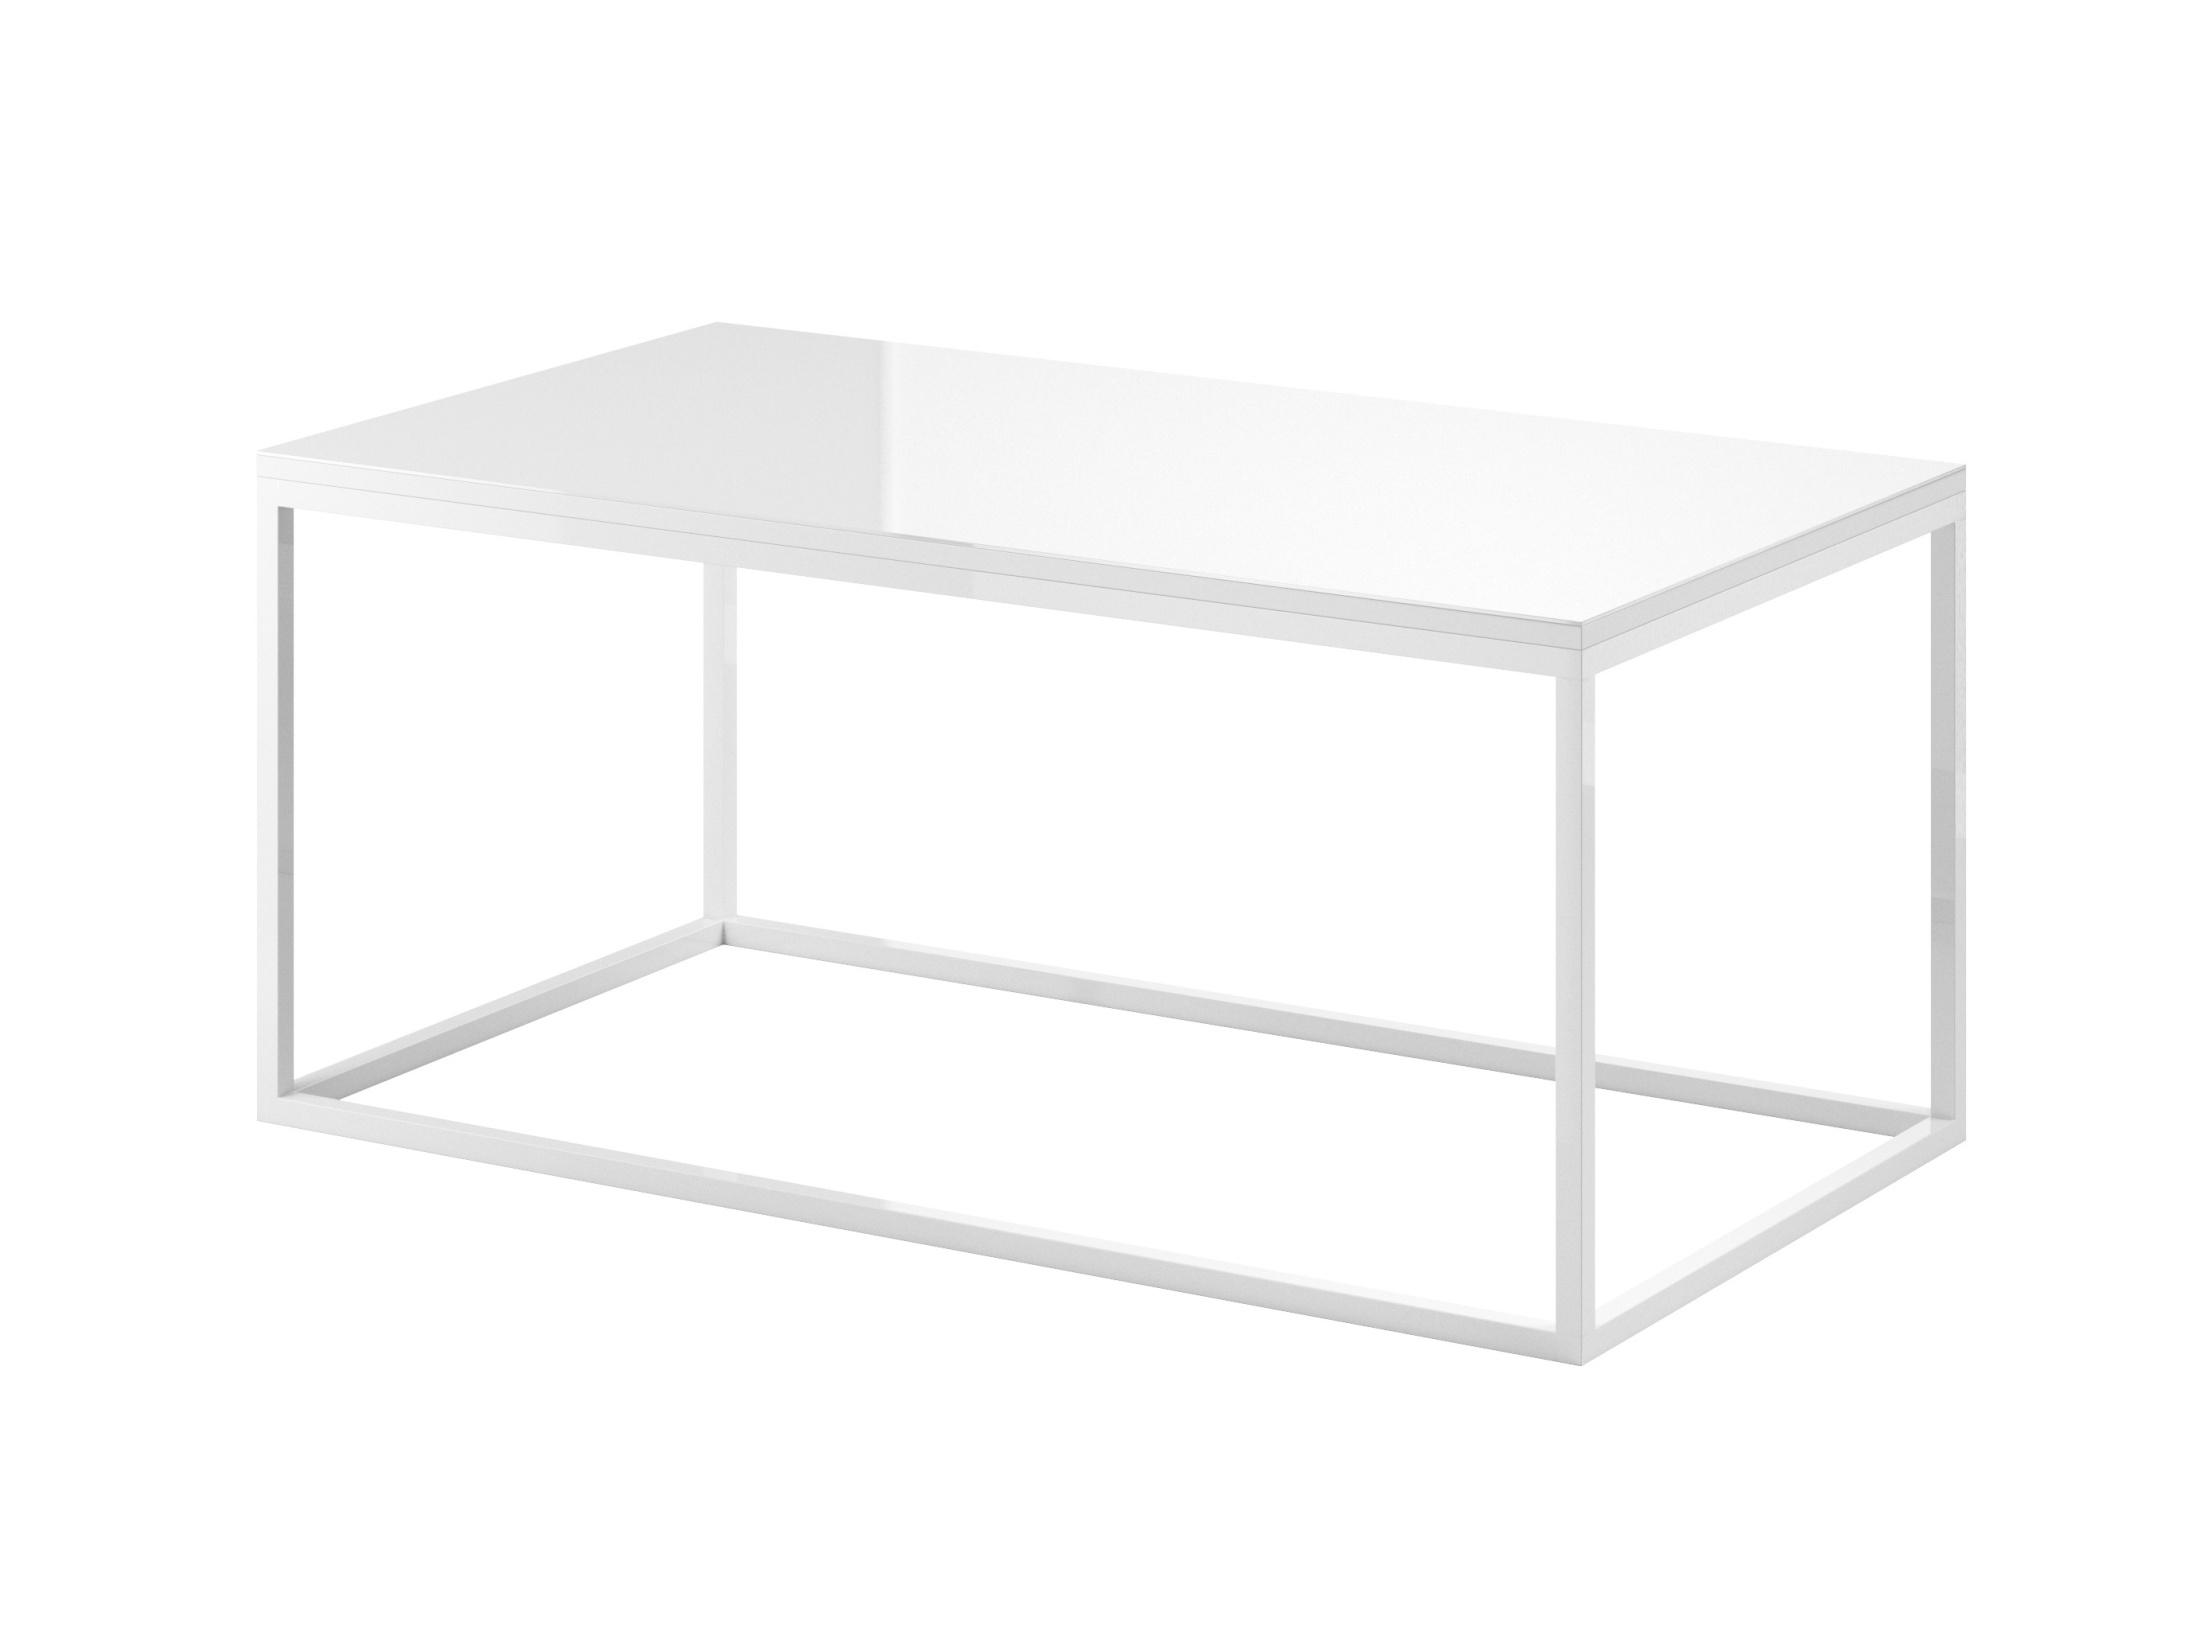 DEJEON konferenční stolek, bílá/bílé sklo